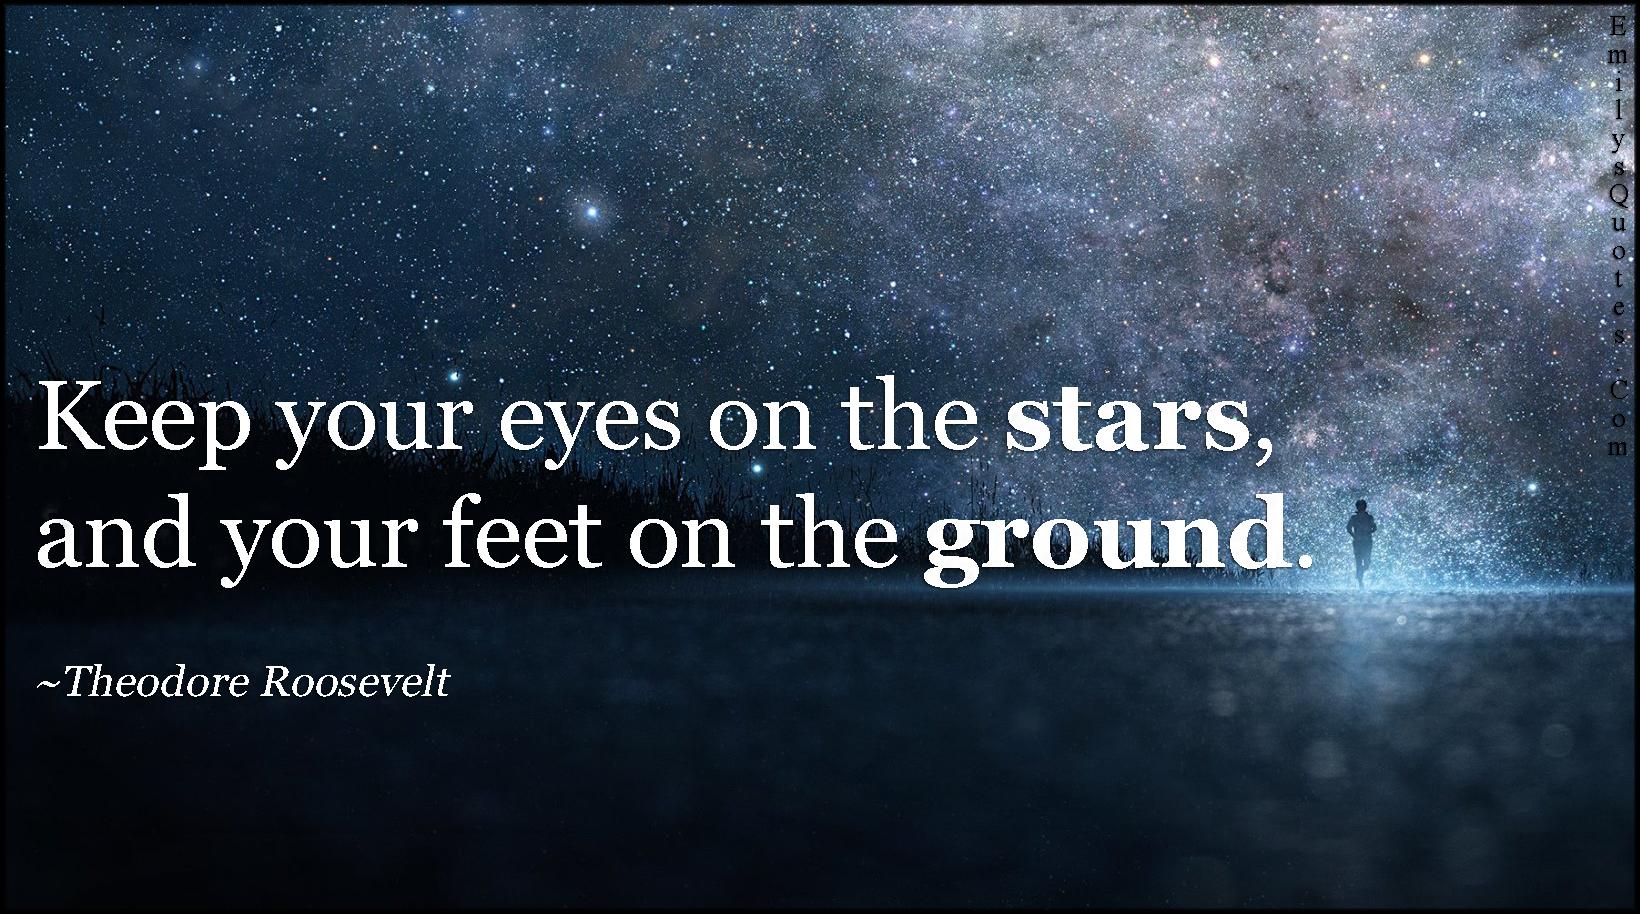 EmilysQuotes.Com - keep, eyes, stars, feet, ground, motivational, inspirational, Theodore Roosevelt